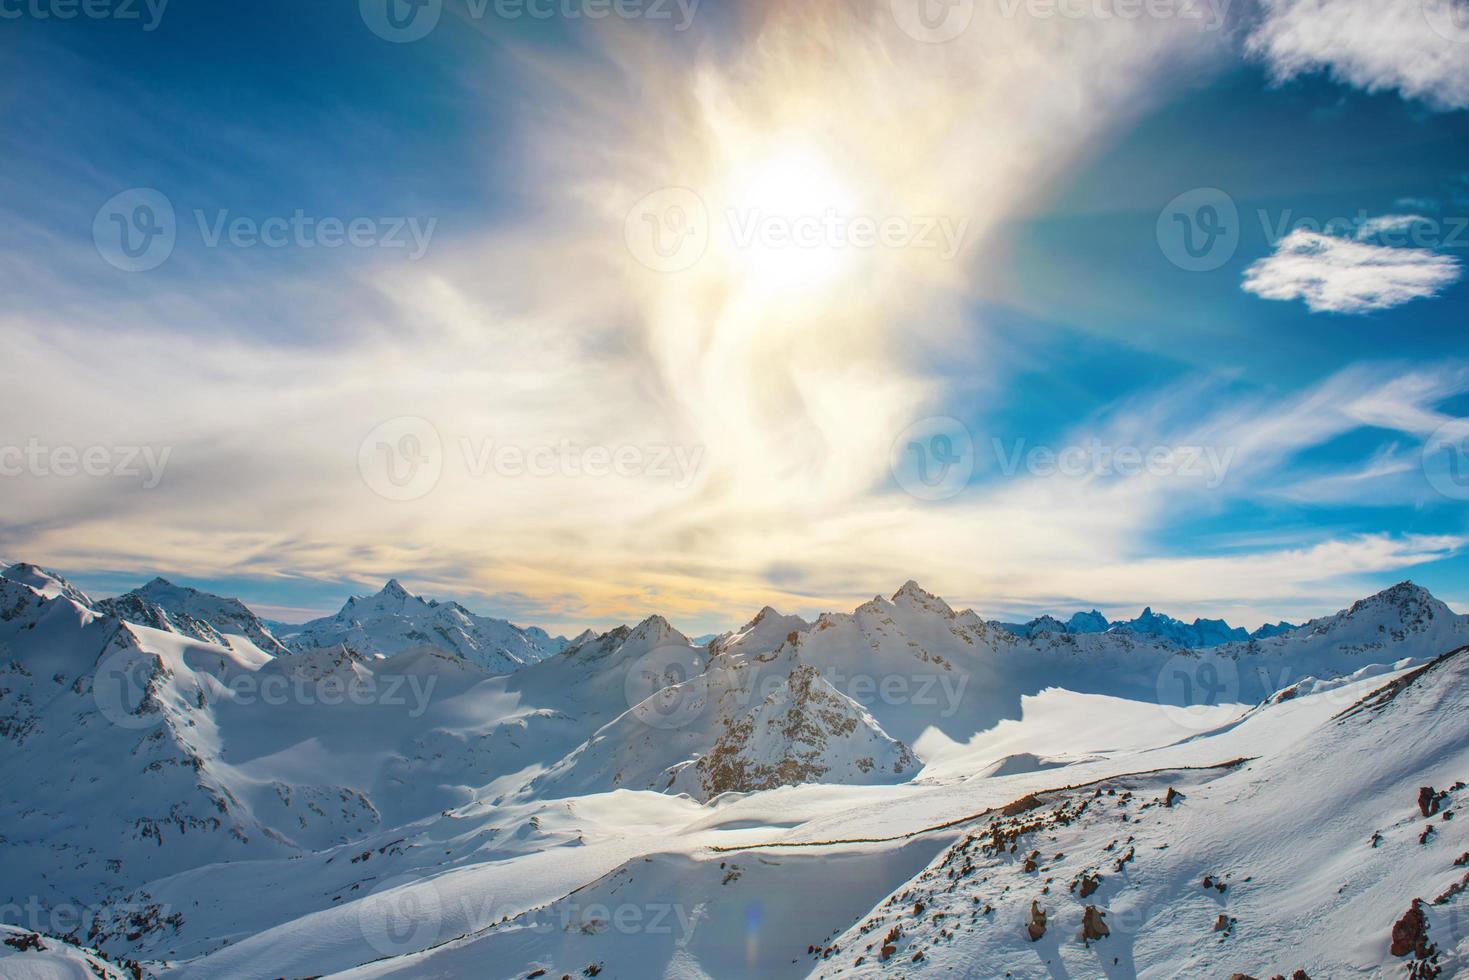 montanhas azuis nevadas nas nuvens foto